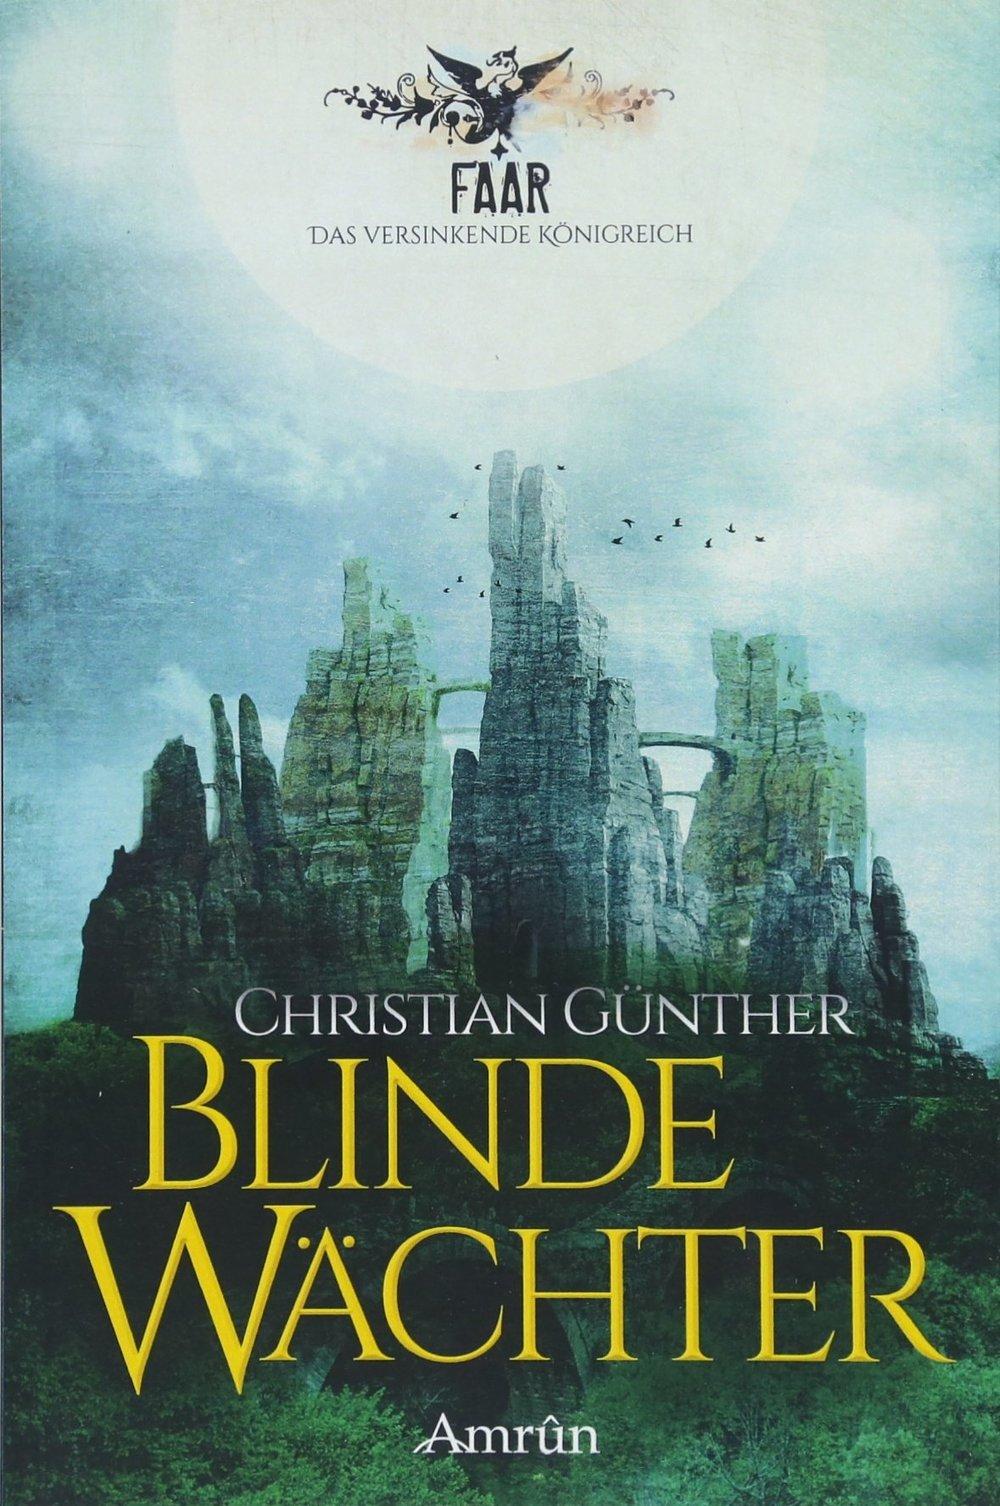 Guenther_Christian_Faar_Blinde_Waechter_Phantastik-Autoren-Netzwerk.jpg